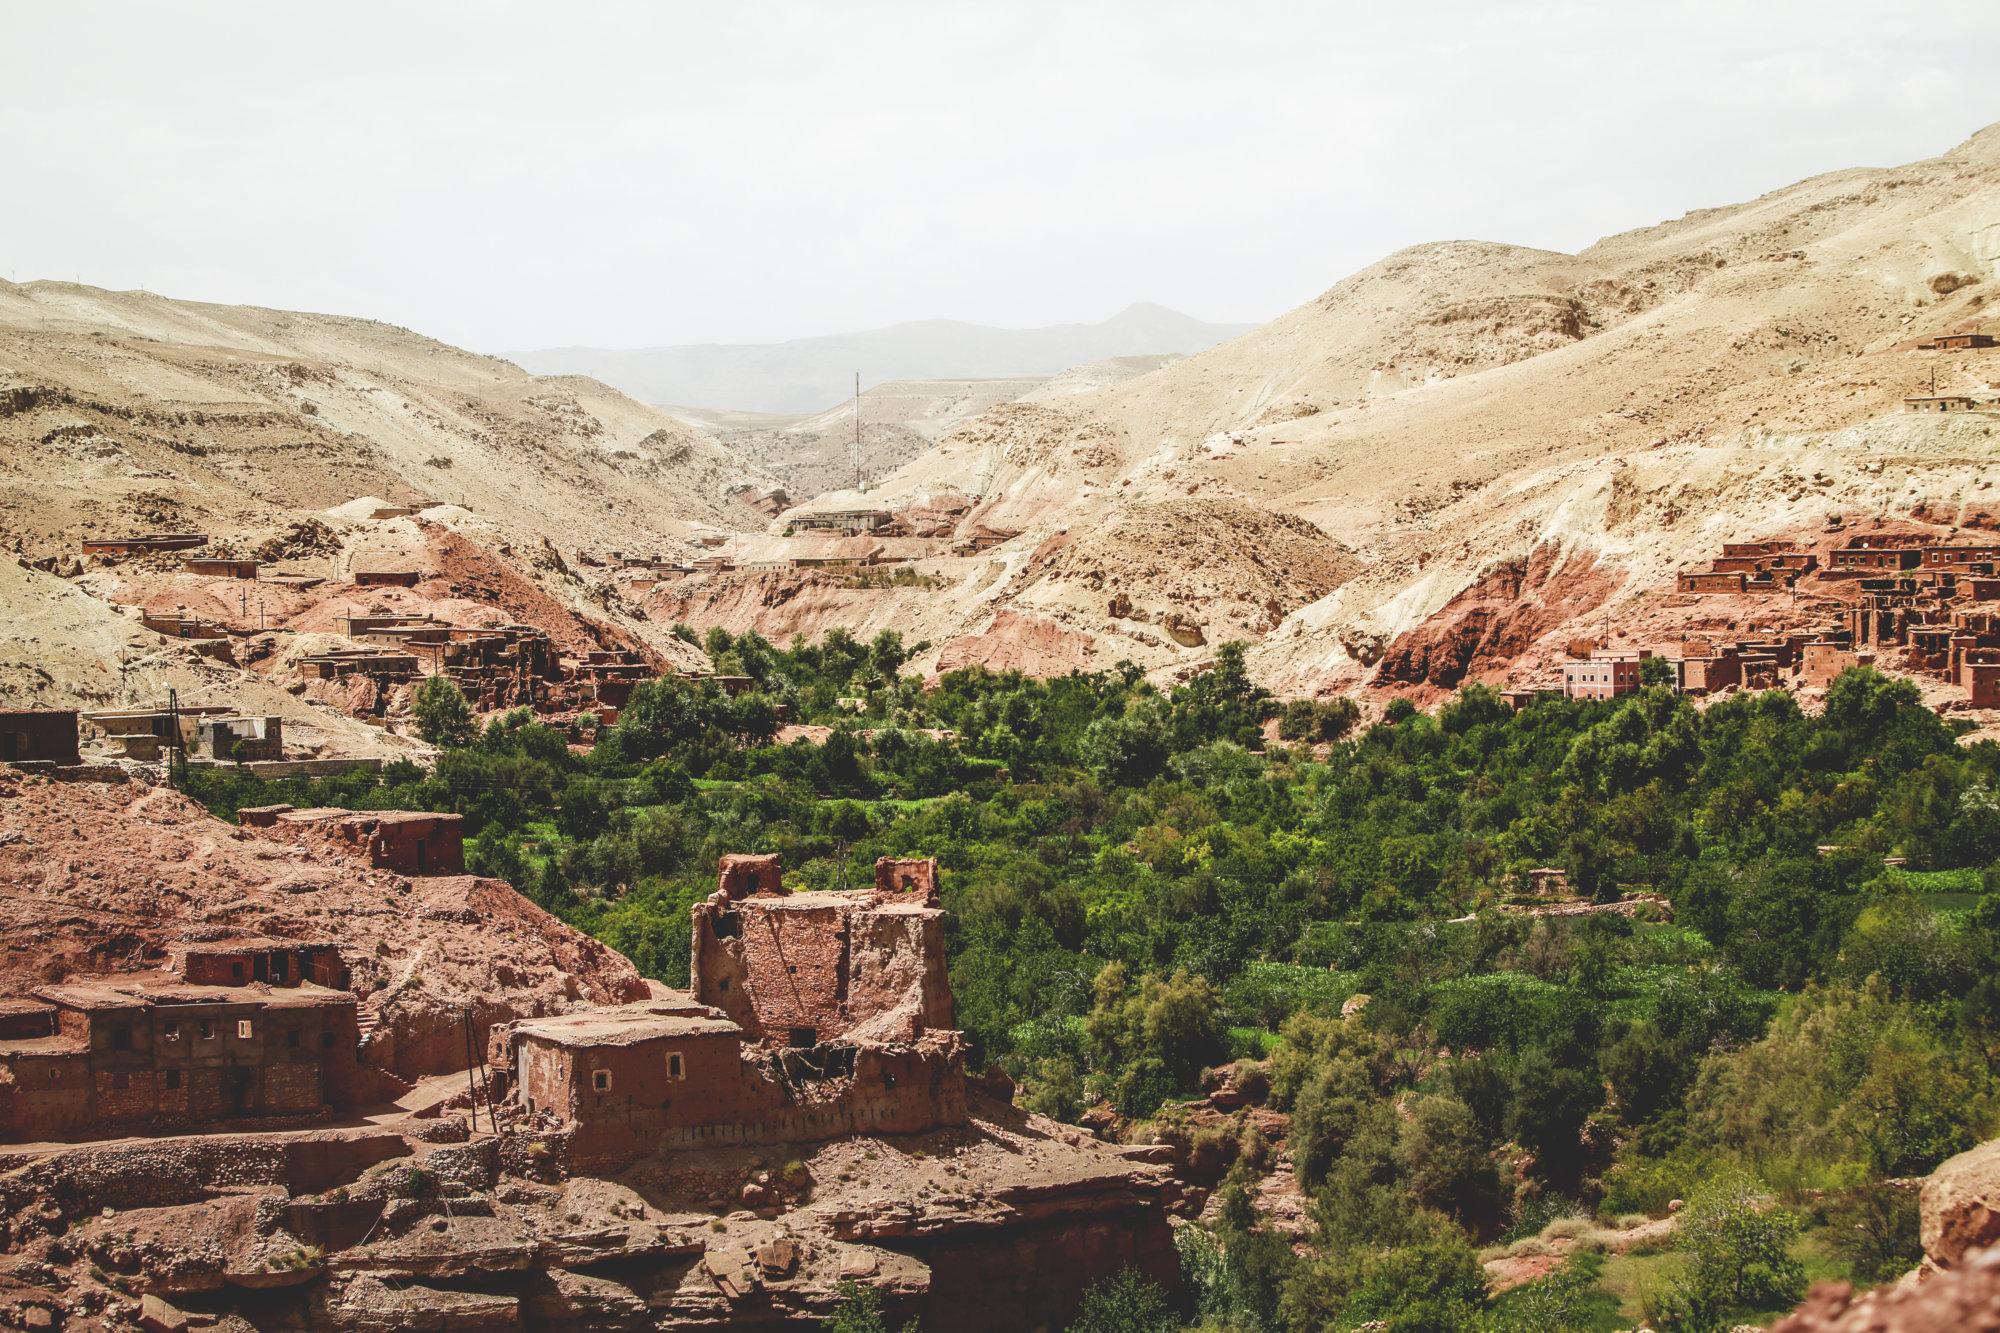 irgendwo-im-ounila-tal-oase-marokko-2016-mcu-ausflug